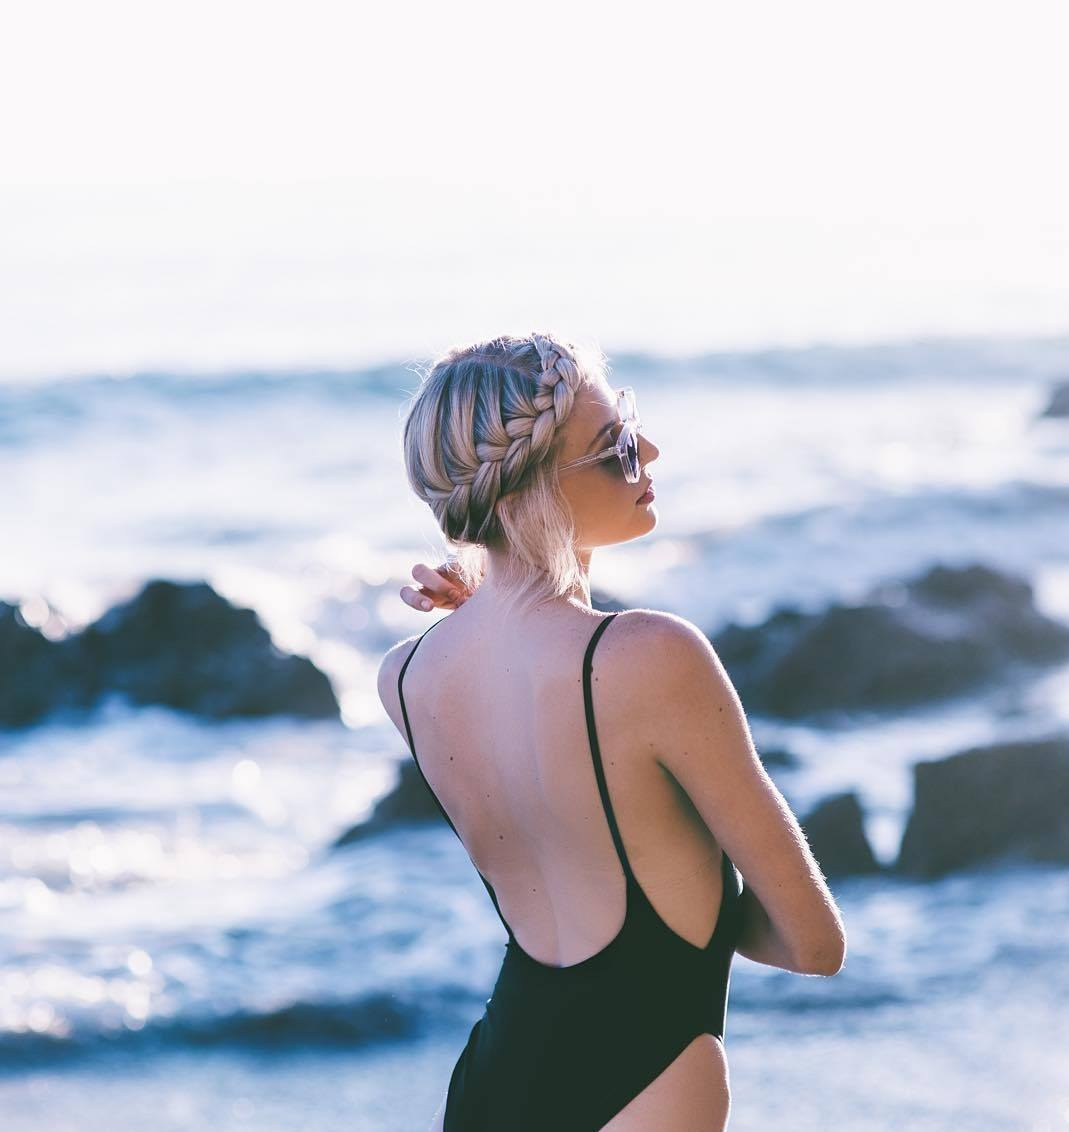 Femme aux cheveux blonds glacés en tresse de couronne